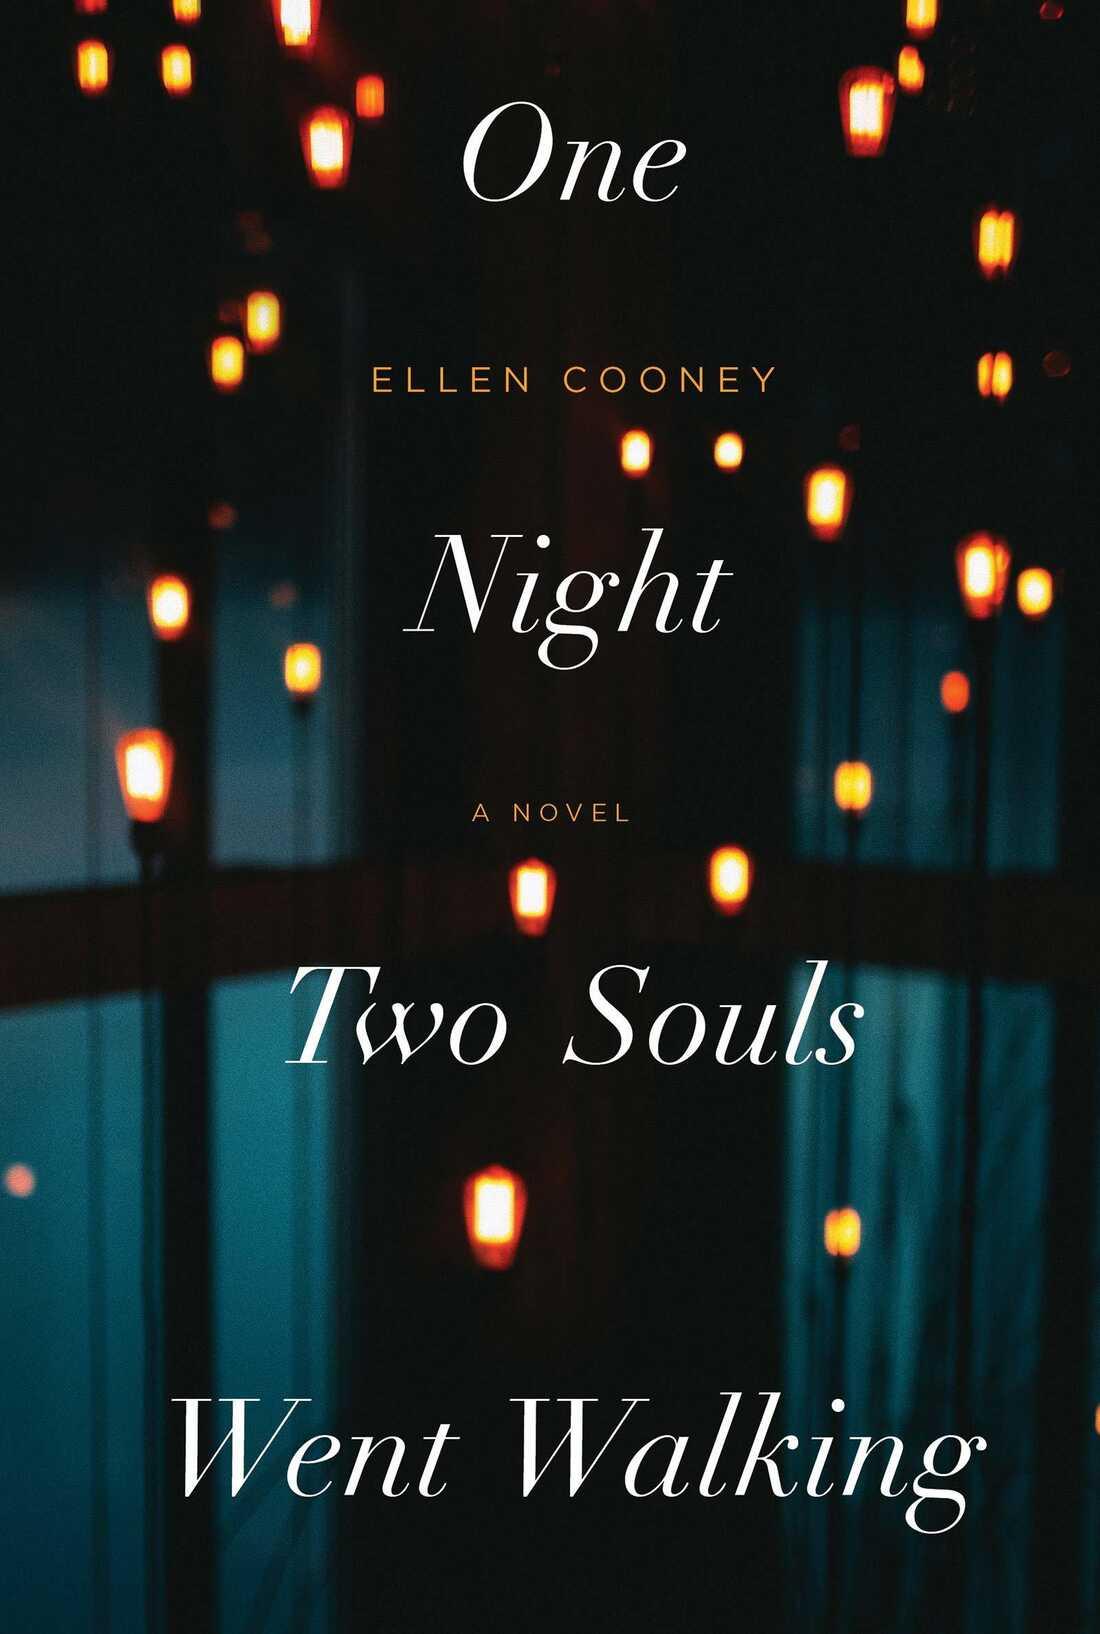 One Night Two Souls Went Walking, by Ellen Cooney